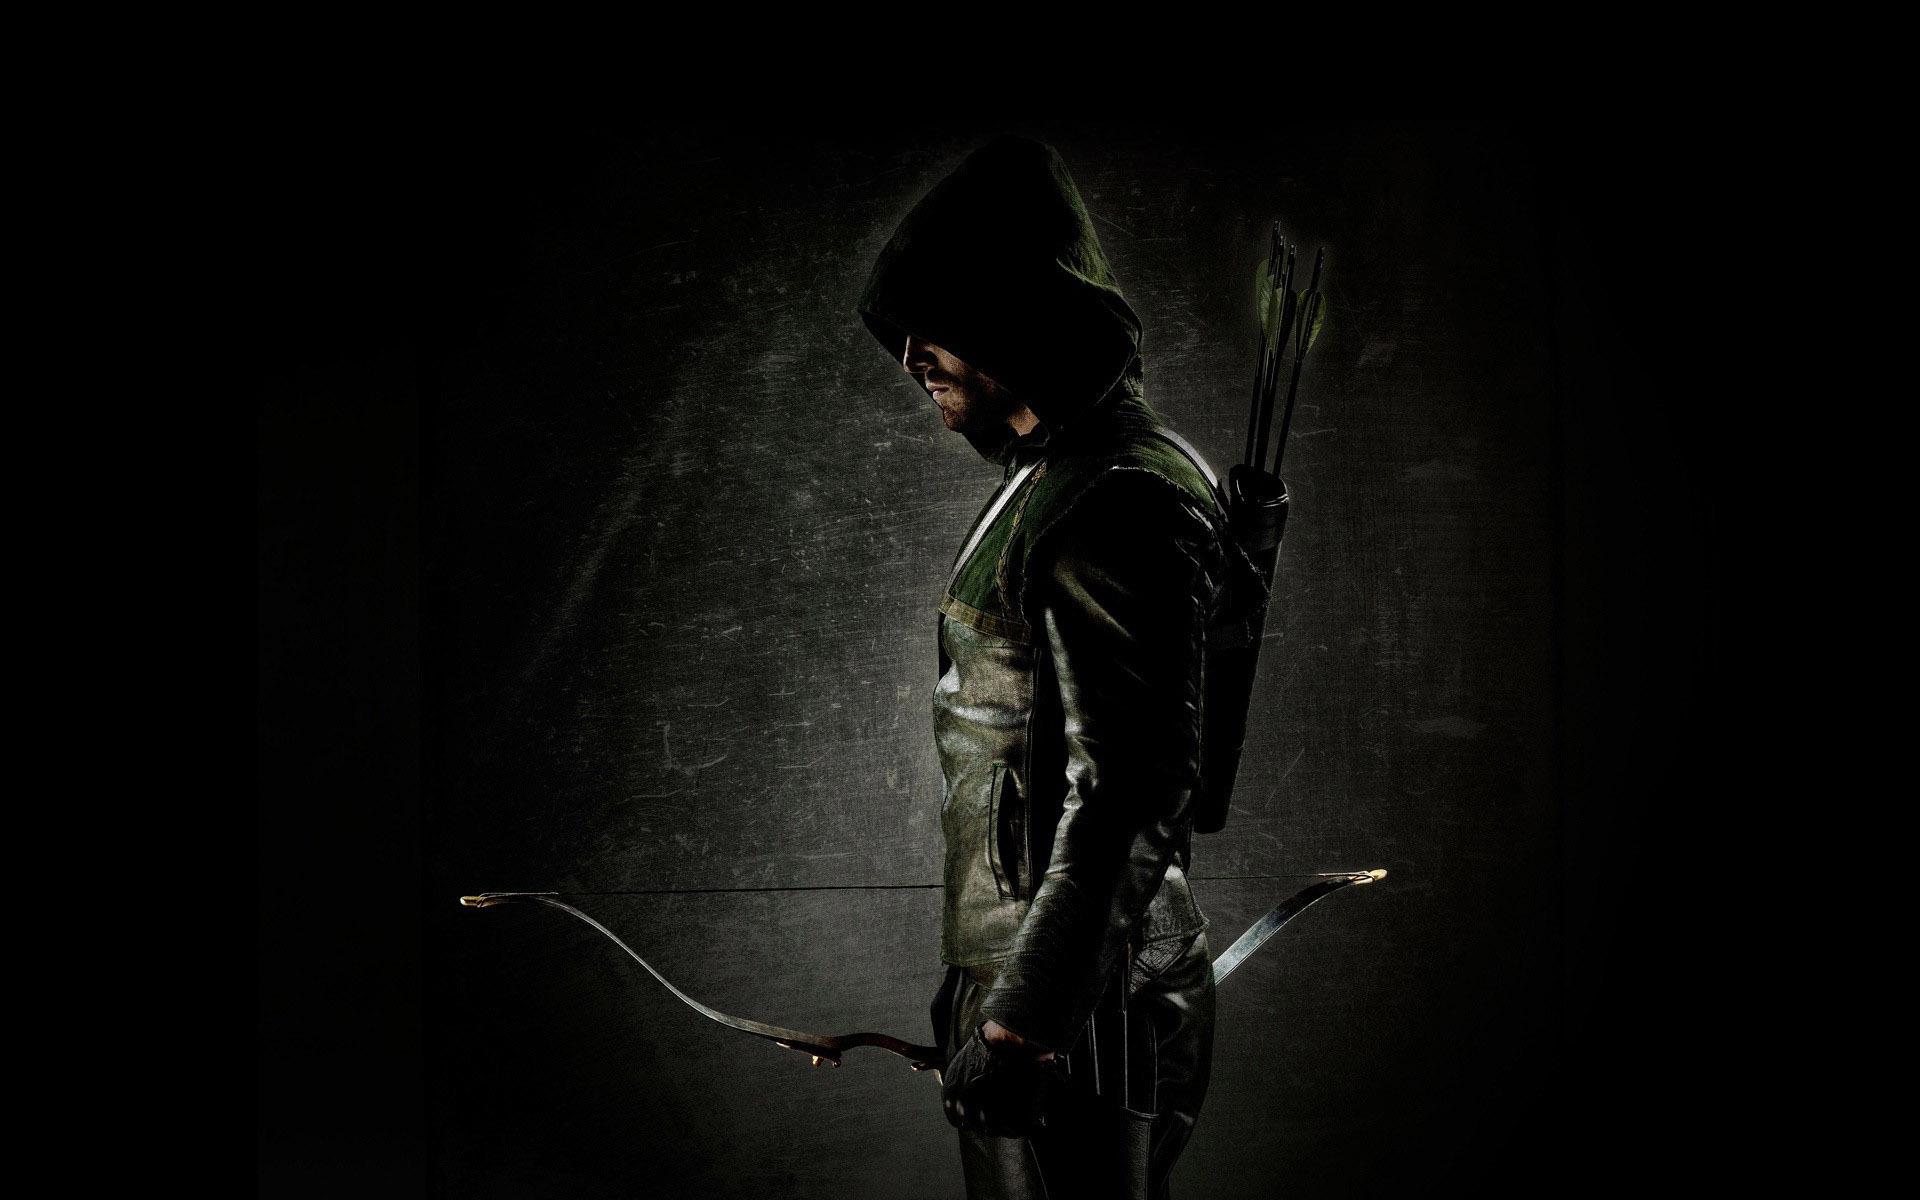 Green Arrow HD Wallpapers for desktop download 1920x1200